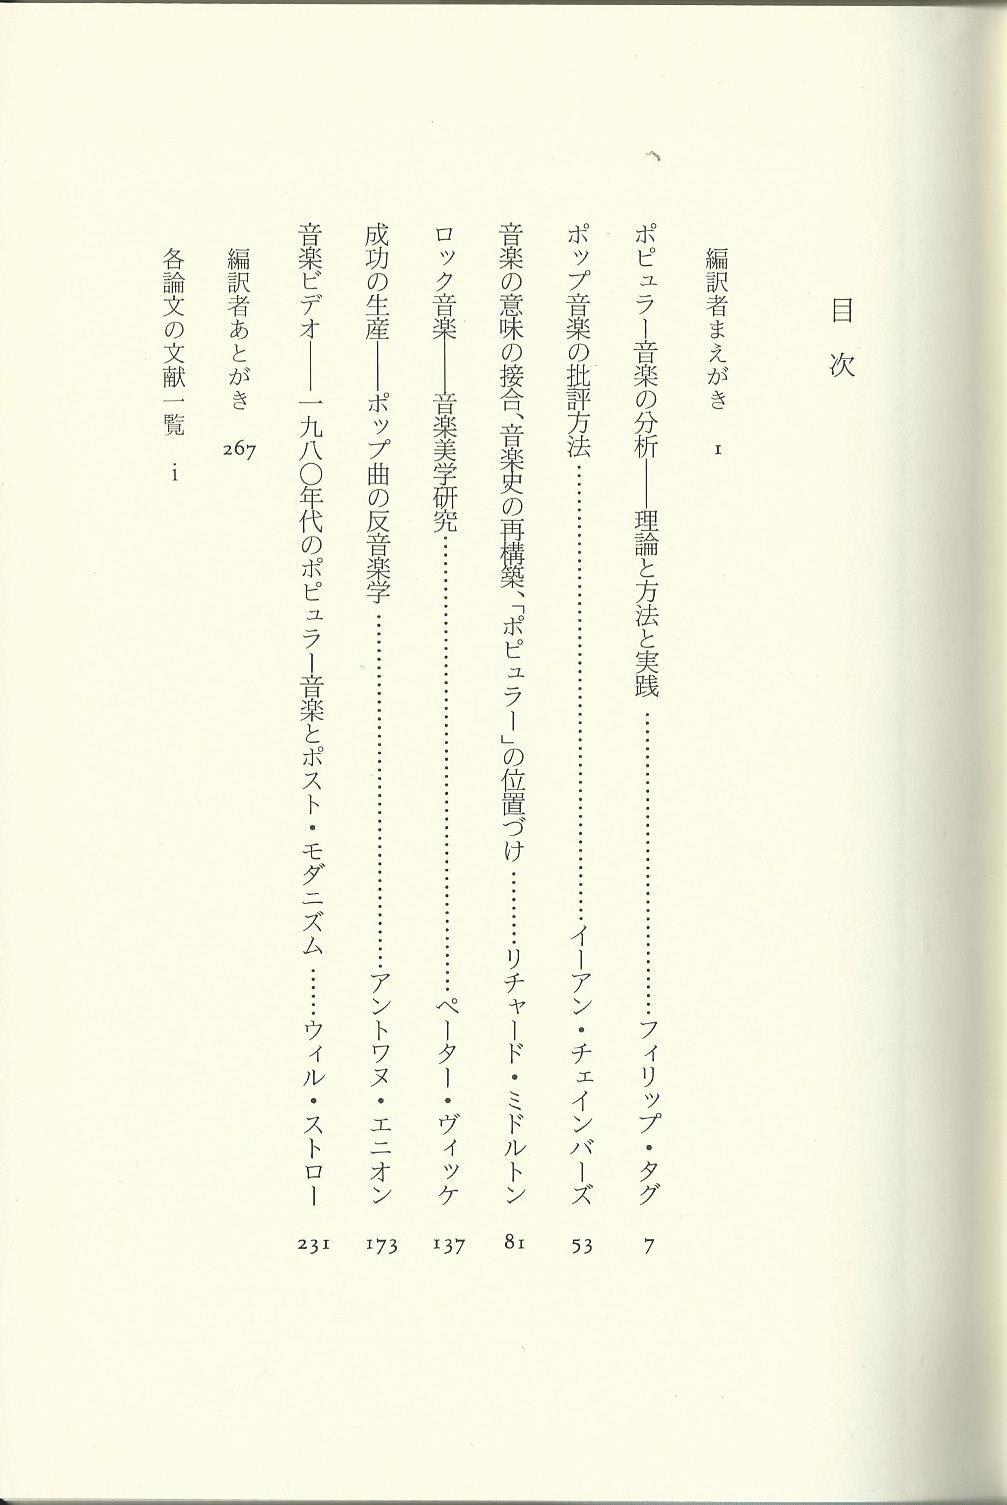 ポピュラー音楽の研究 | 三井 徹...